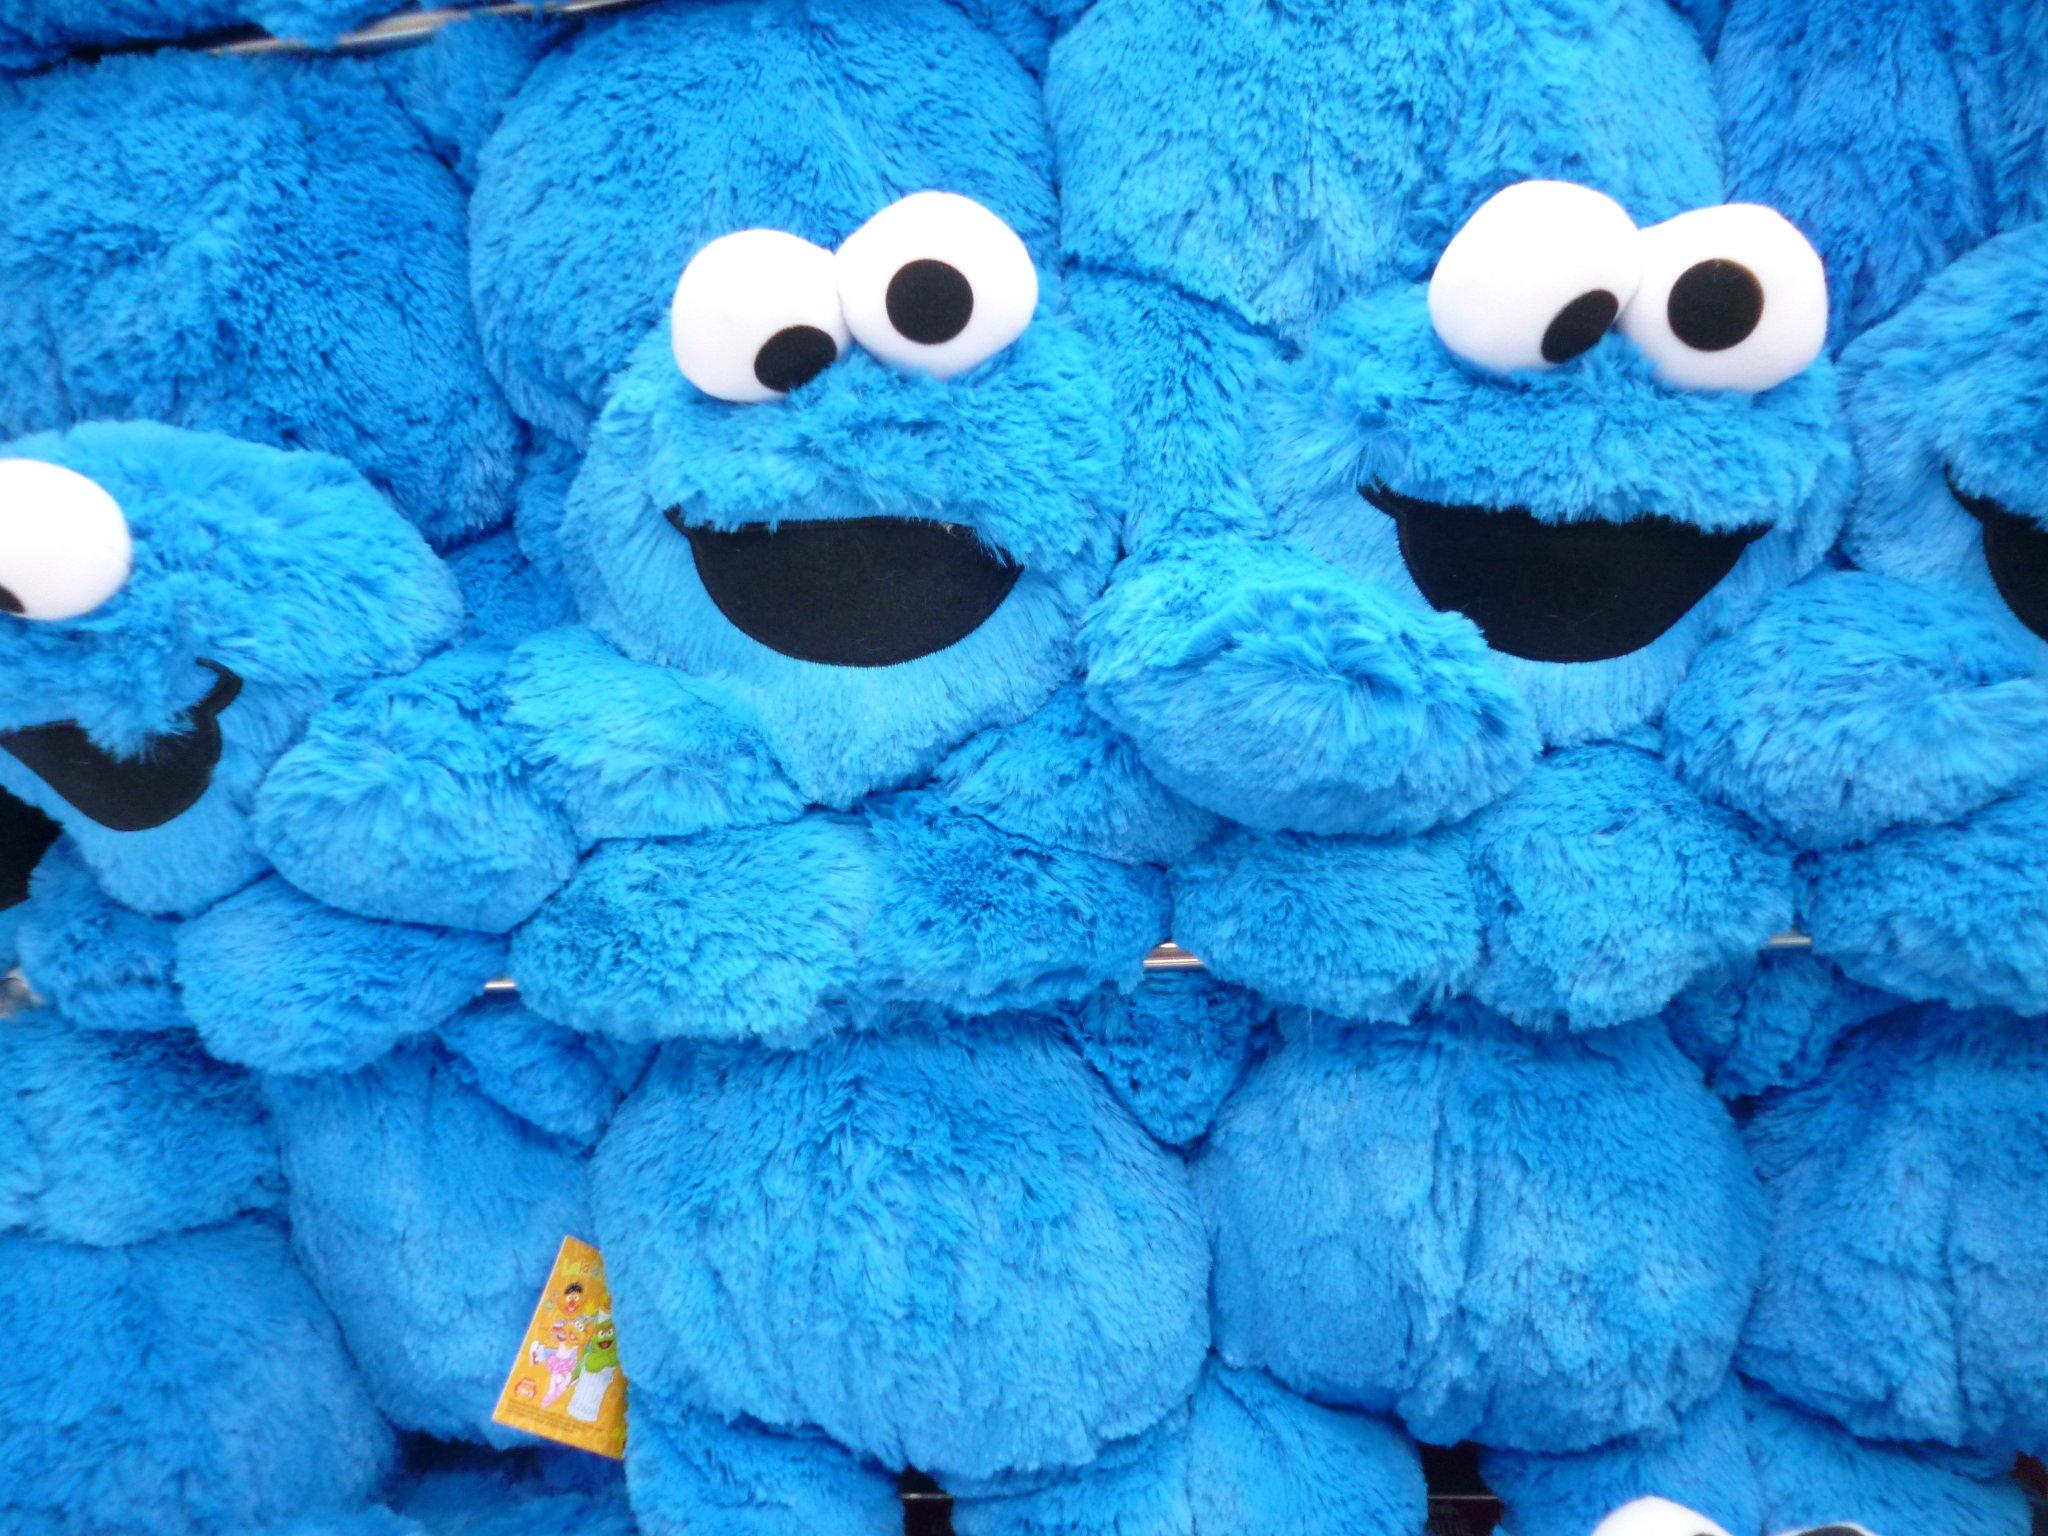 Tac Koriyama Twitter પર セサミストリートよりクッキーモンスター のbigぬいぐるみ入荷しました セサミストリートの景品は珍しいですね 人気キャラクターのクッキーモンスターのぬいぐるみ 入荷数はあまり多くないのでお早めにどうぞ クッキーモンスター